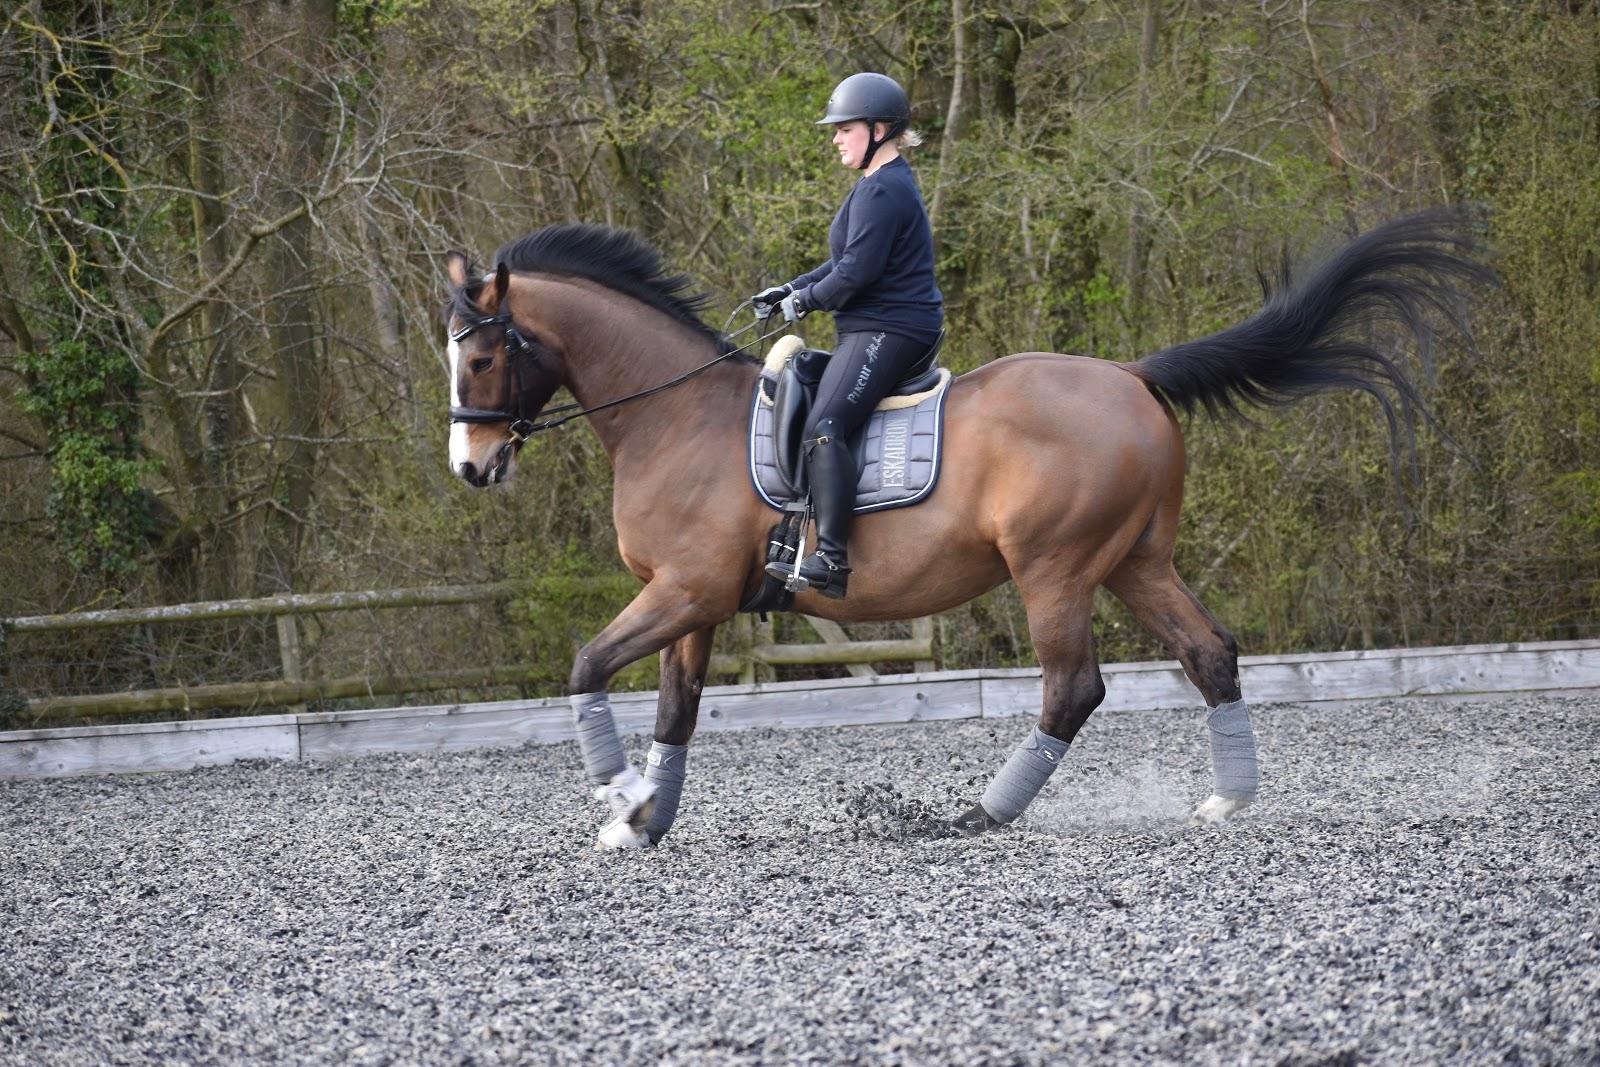 Roosa's Horsey Life: April 2019